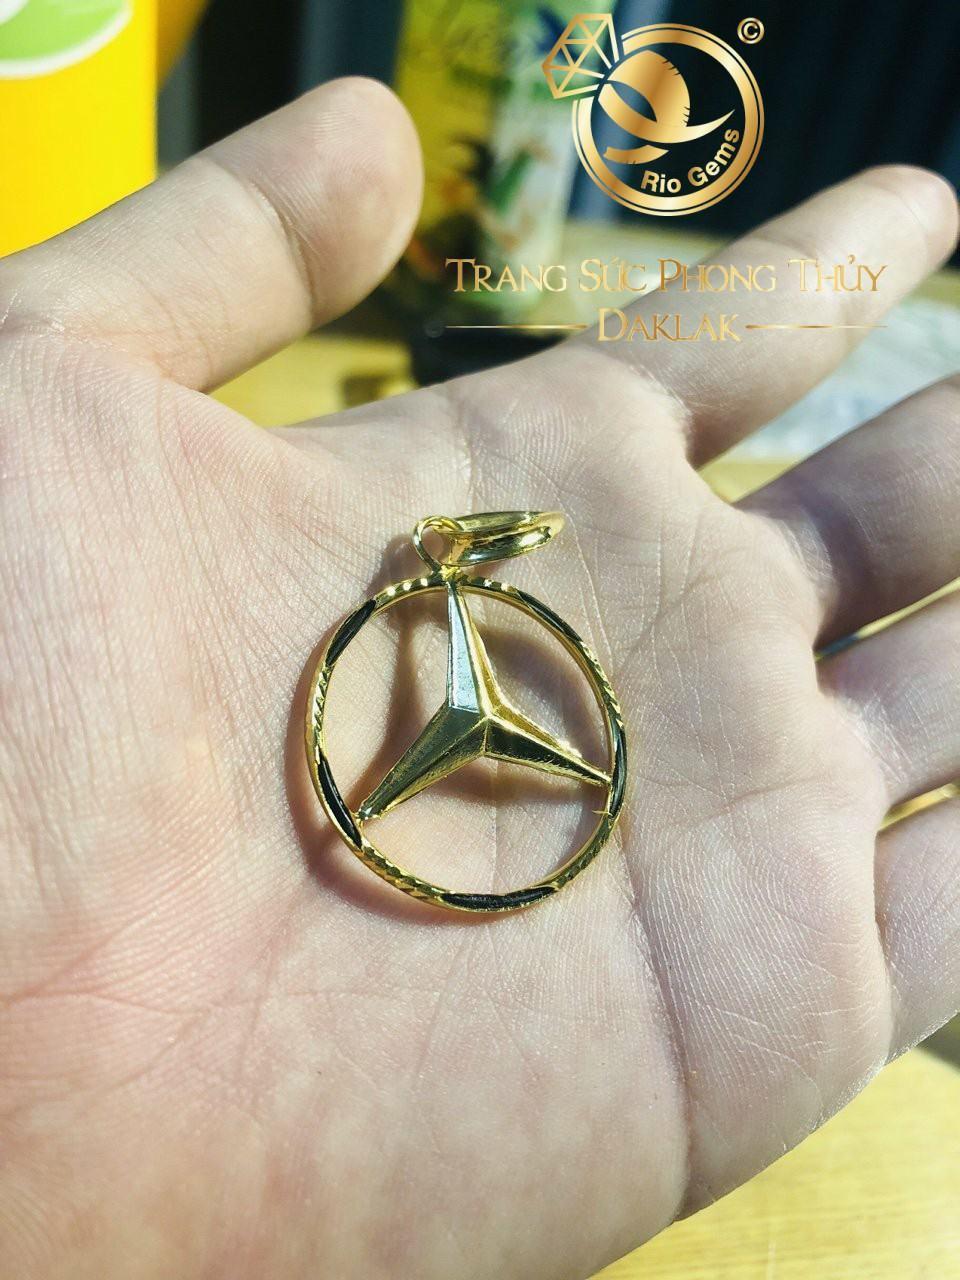 Mặt dây ngôi sao vàng phong thủy RIOGEMs với thiết hình tròn luồng lông Voi cao cấp thể hiện sự gắn kết, tình yêu thương bền chặt, thắm thiết